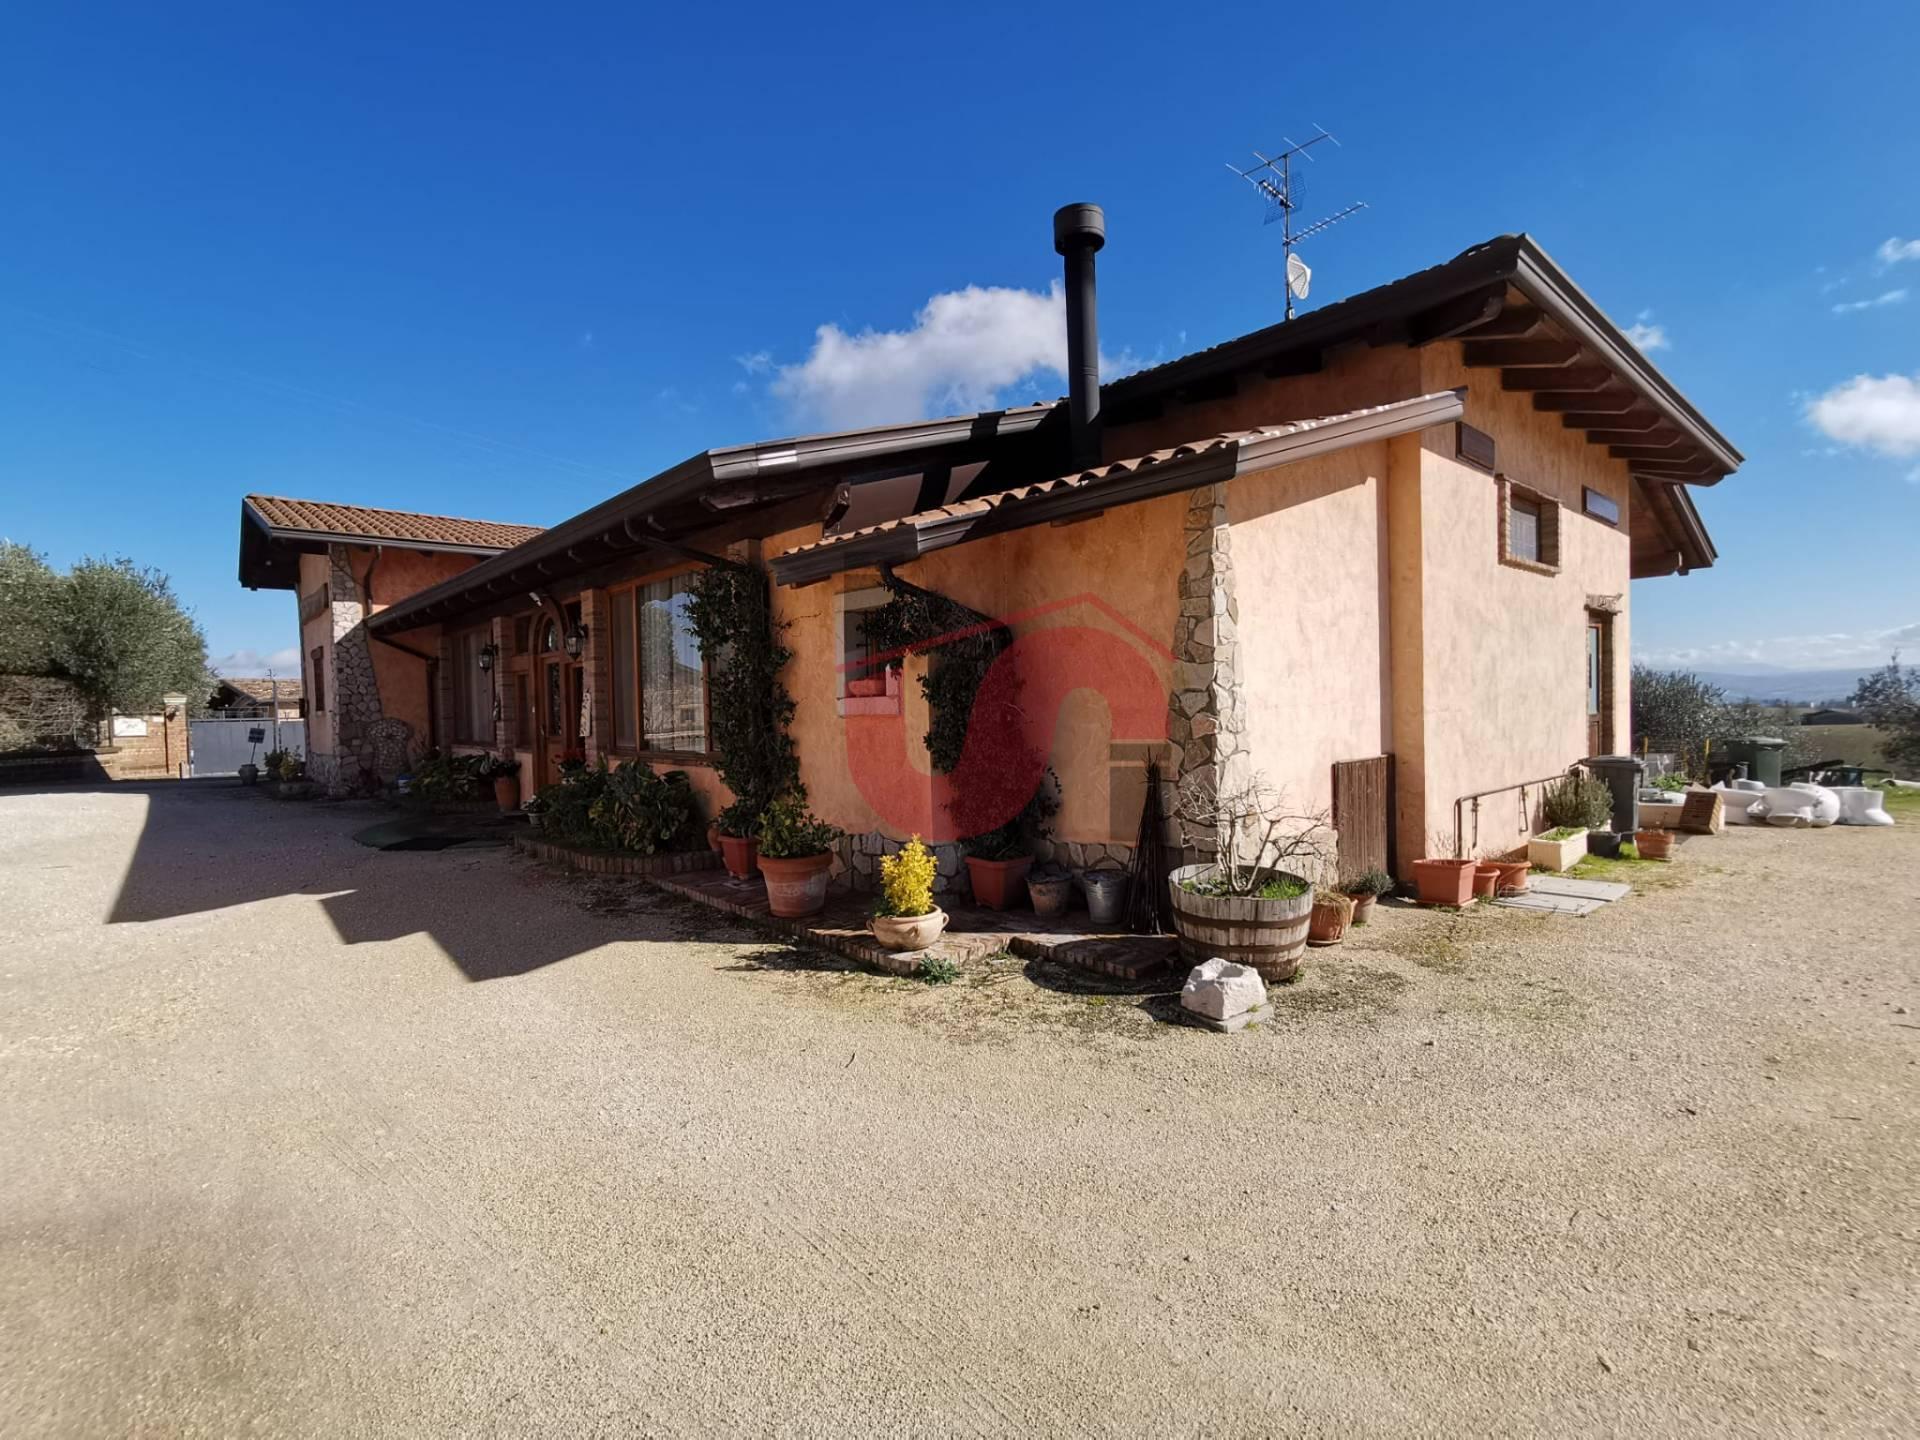 Soluzione Indipendente in vendita a San Giorgio del Sannio, 6 locali, prezzo € 160.000 | CambioCasa.it